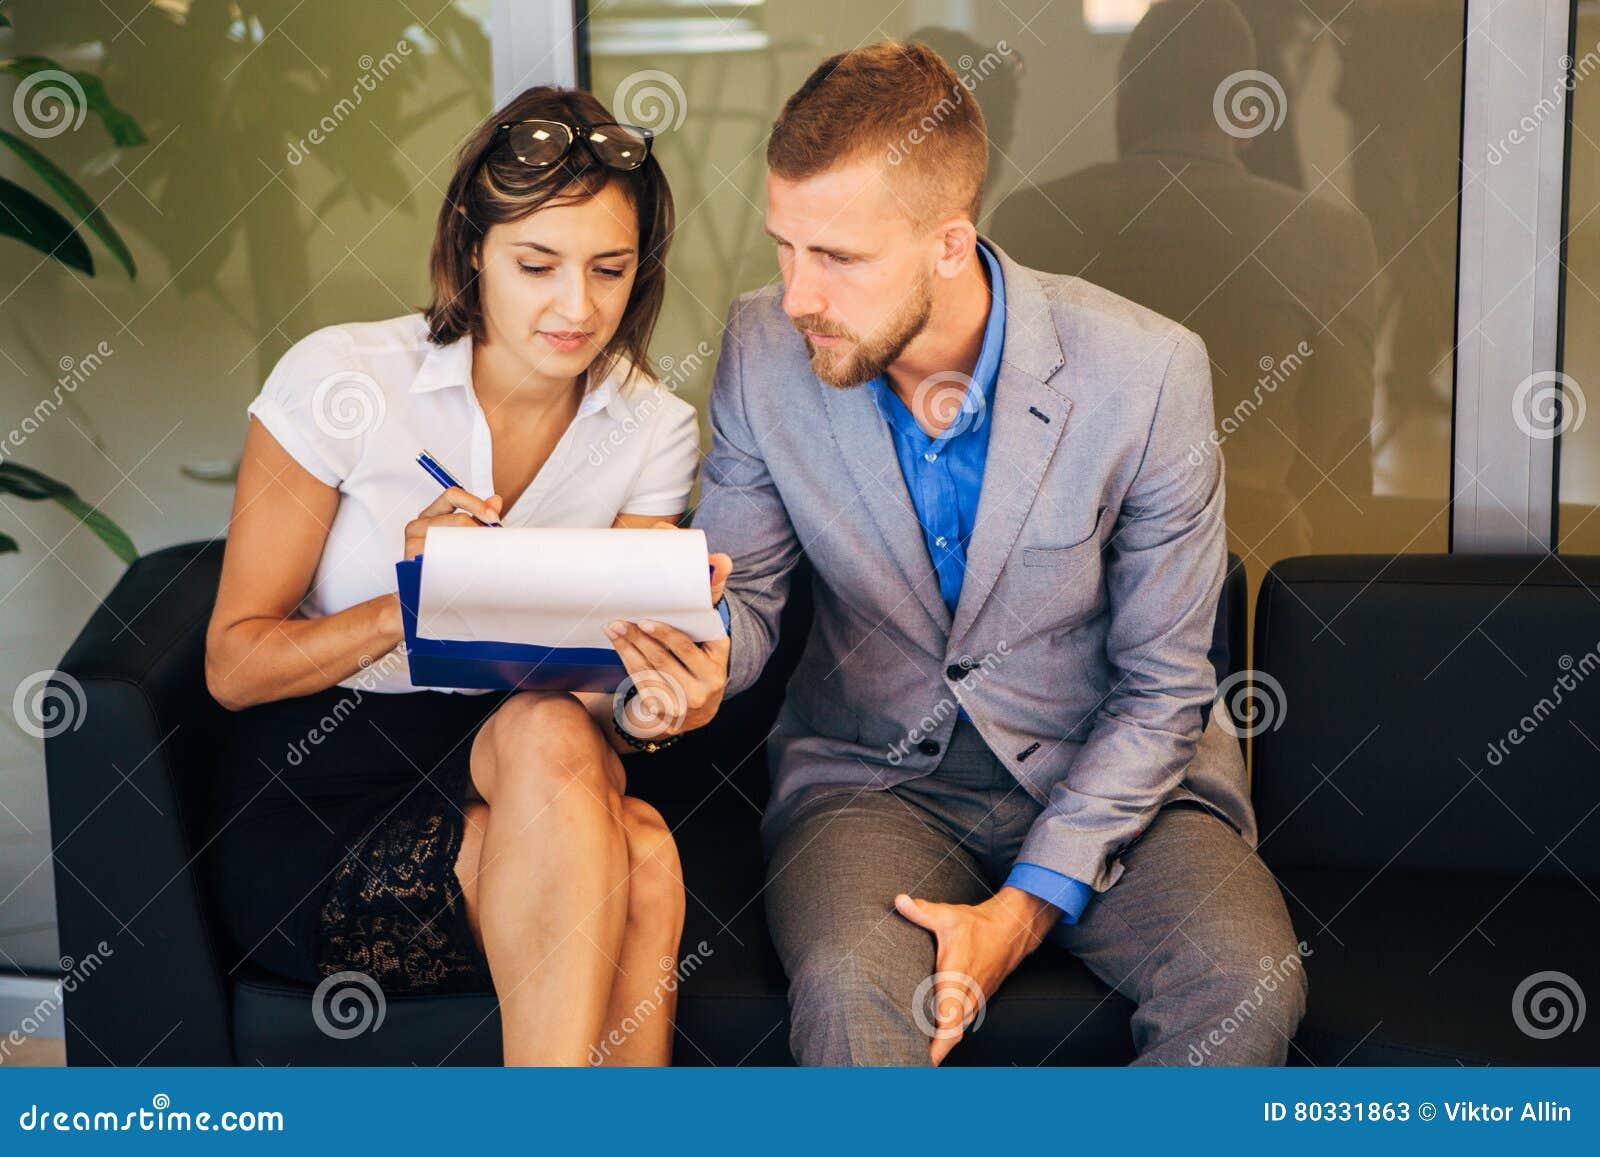 Δύο συνάδελφοι που συζητούν μια επιχειρησιακή ιδέα στο γραφείο